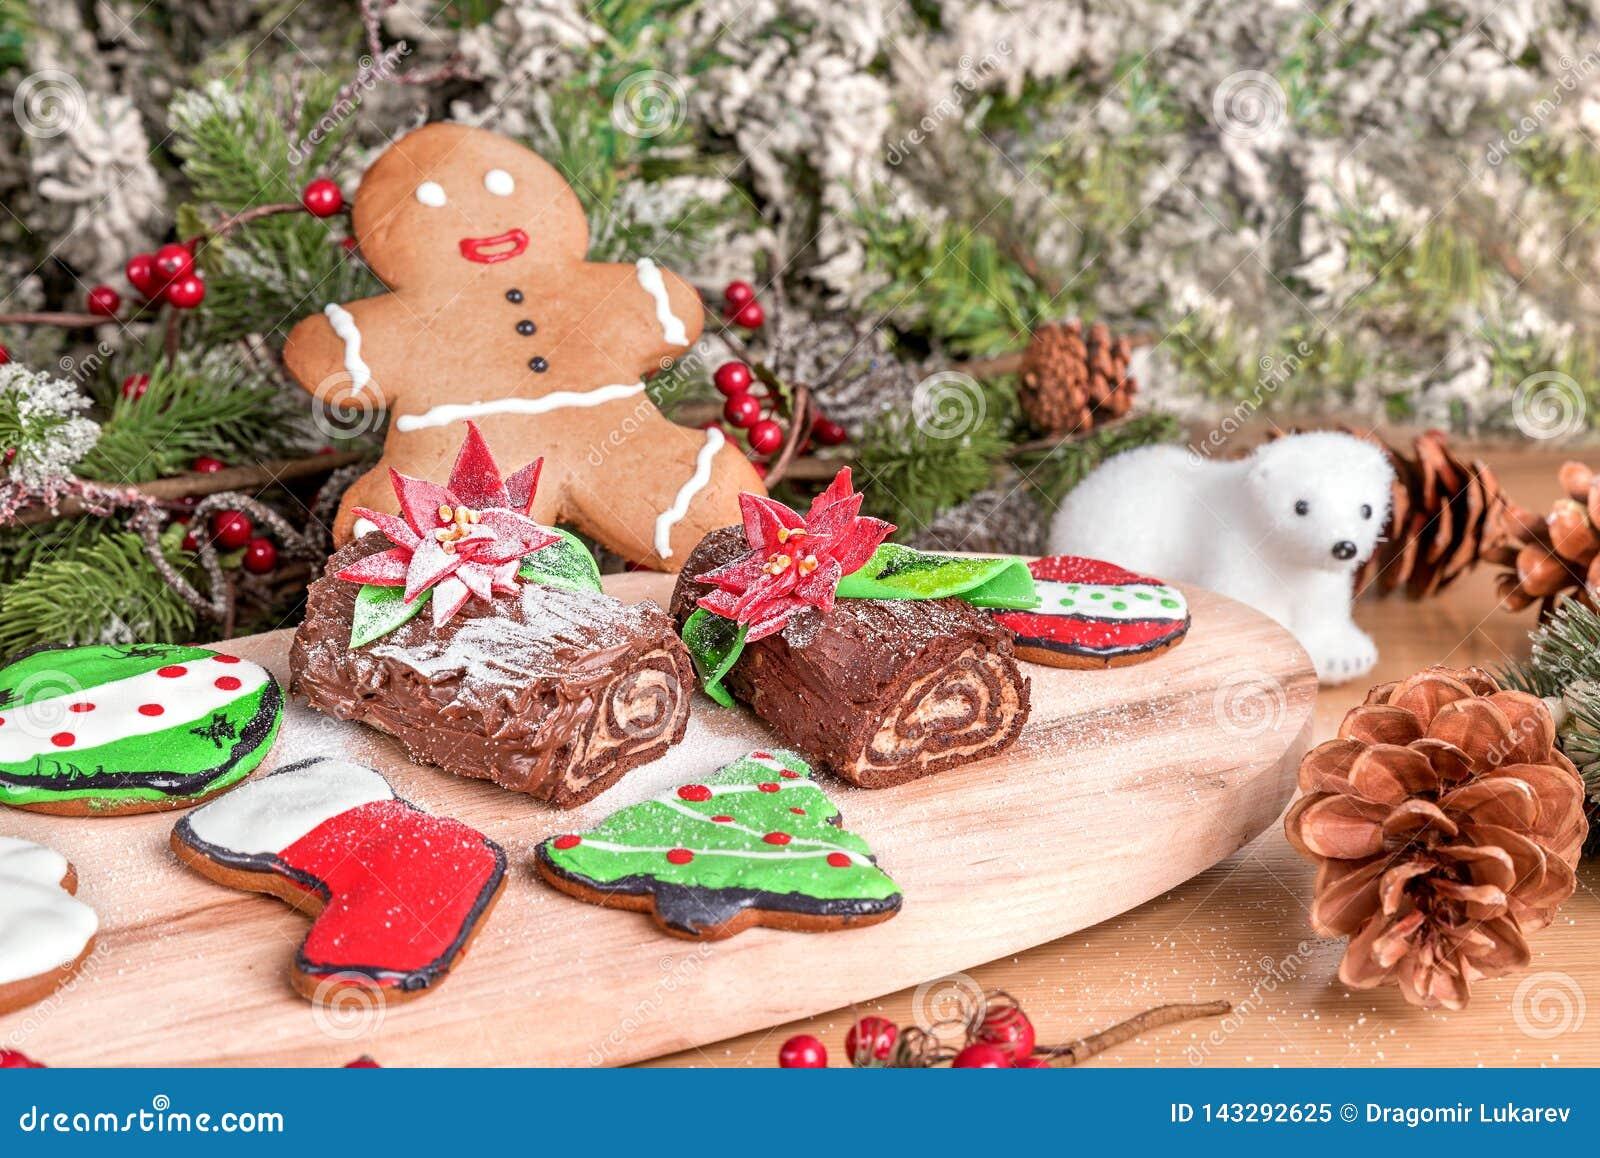 Olik typ av julkakor med garnering